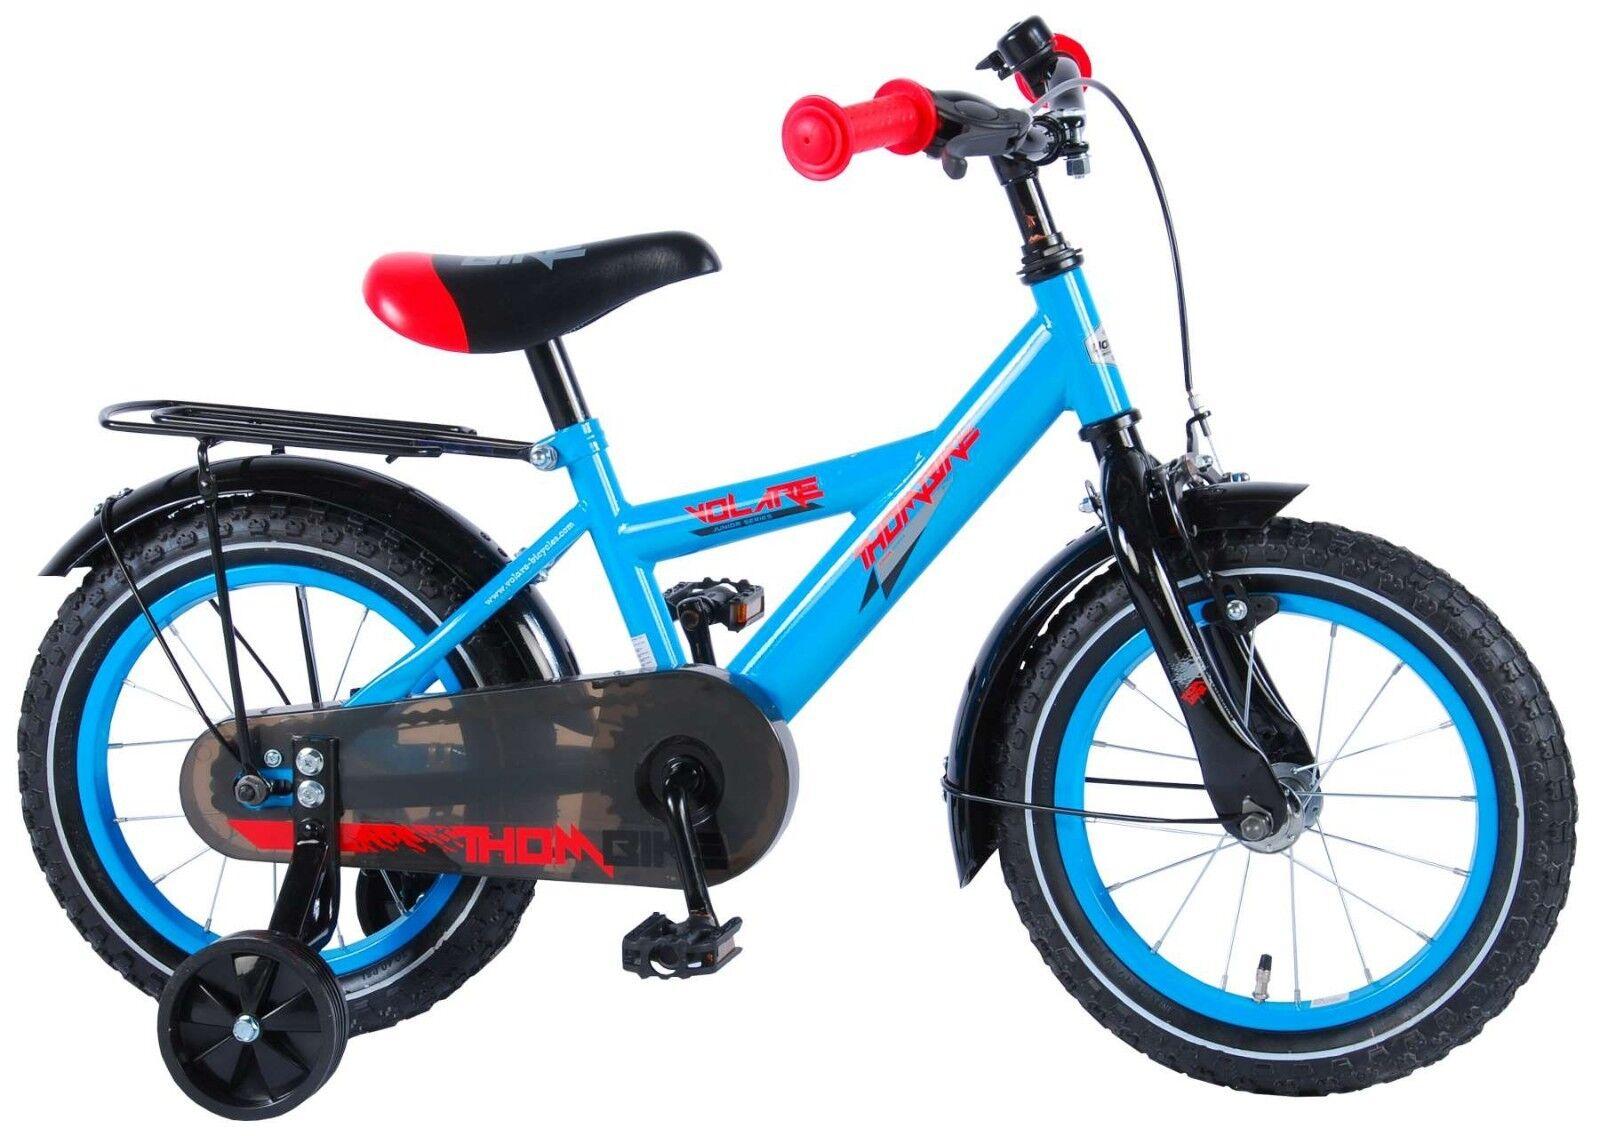 14 Zoll Fahrrad  Rücktritt Stützräder Kinderfahrrad Jungen Blau Rot Kinder